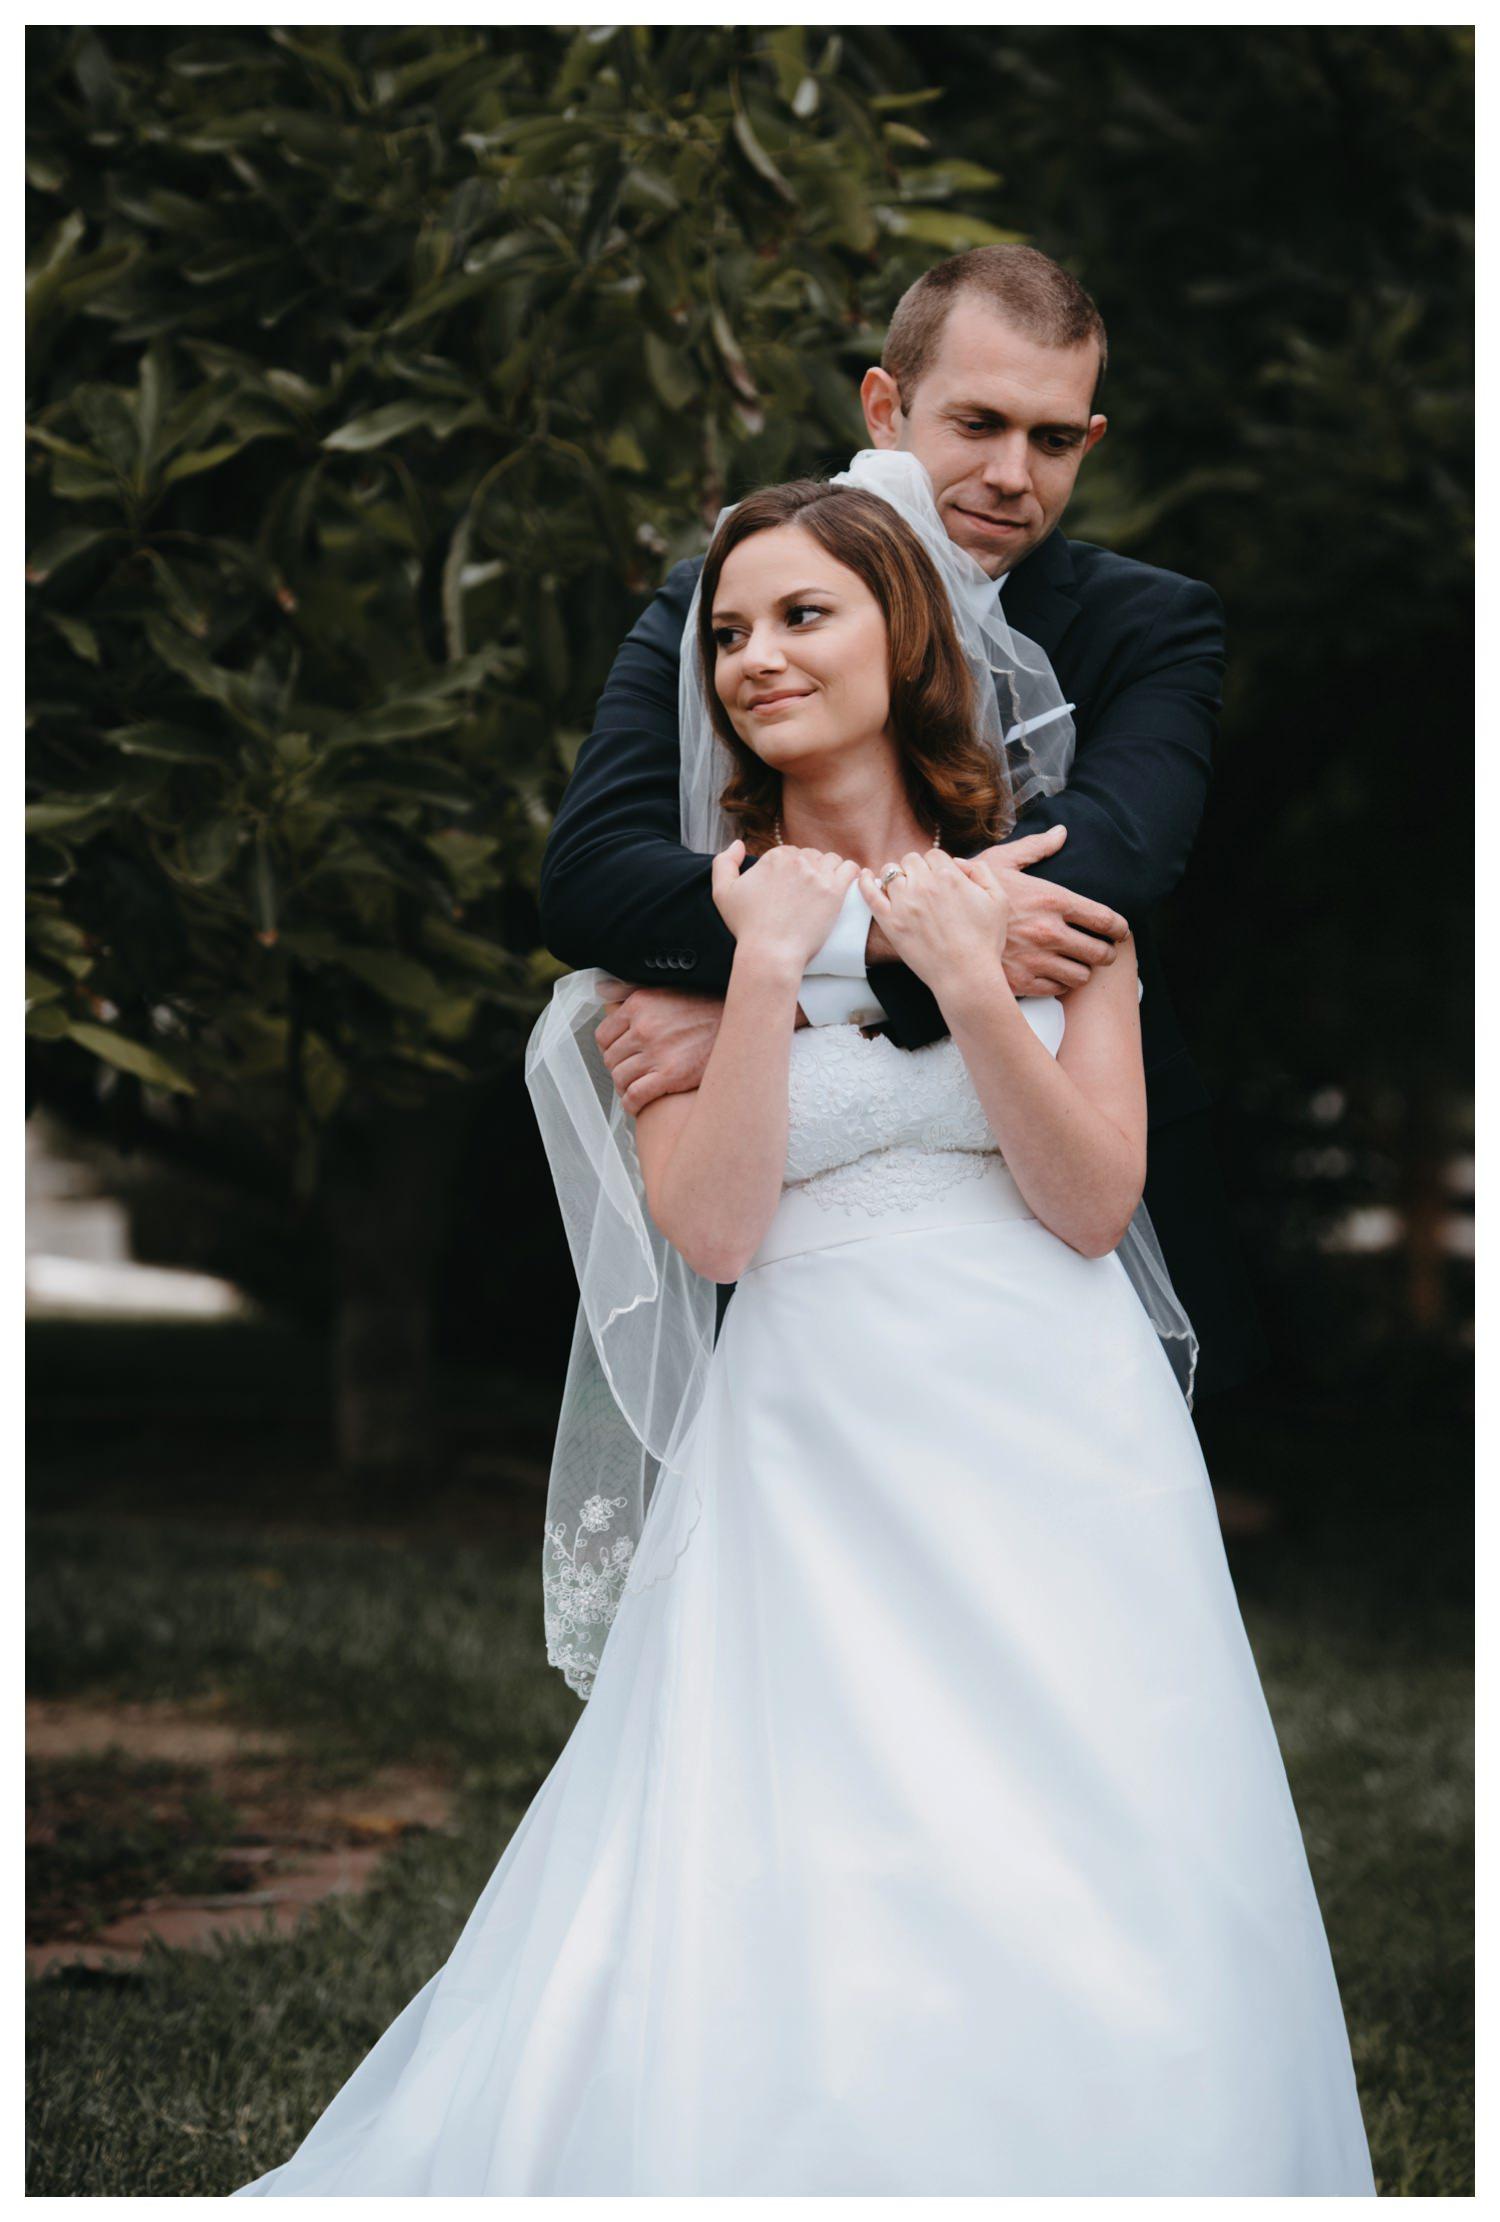 TheSinglers_WeddingPhotography_FallbrookWedding_0121.jpg